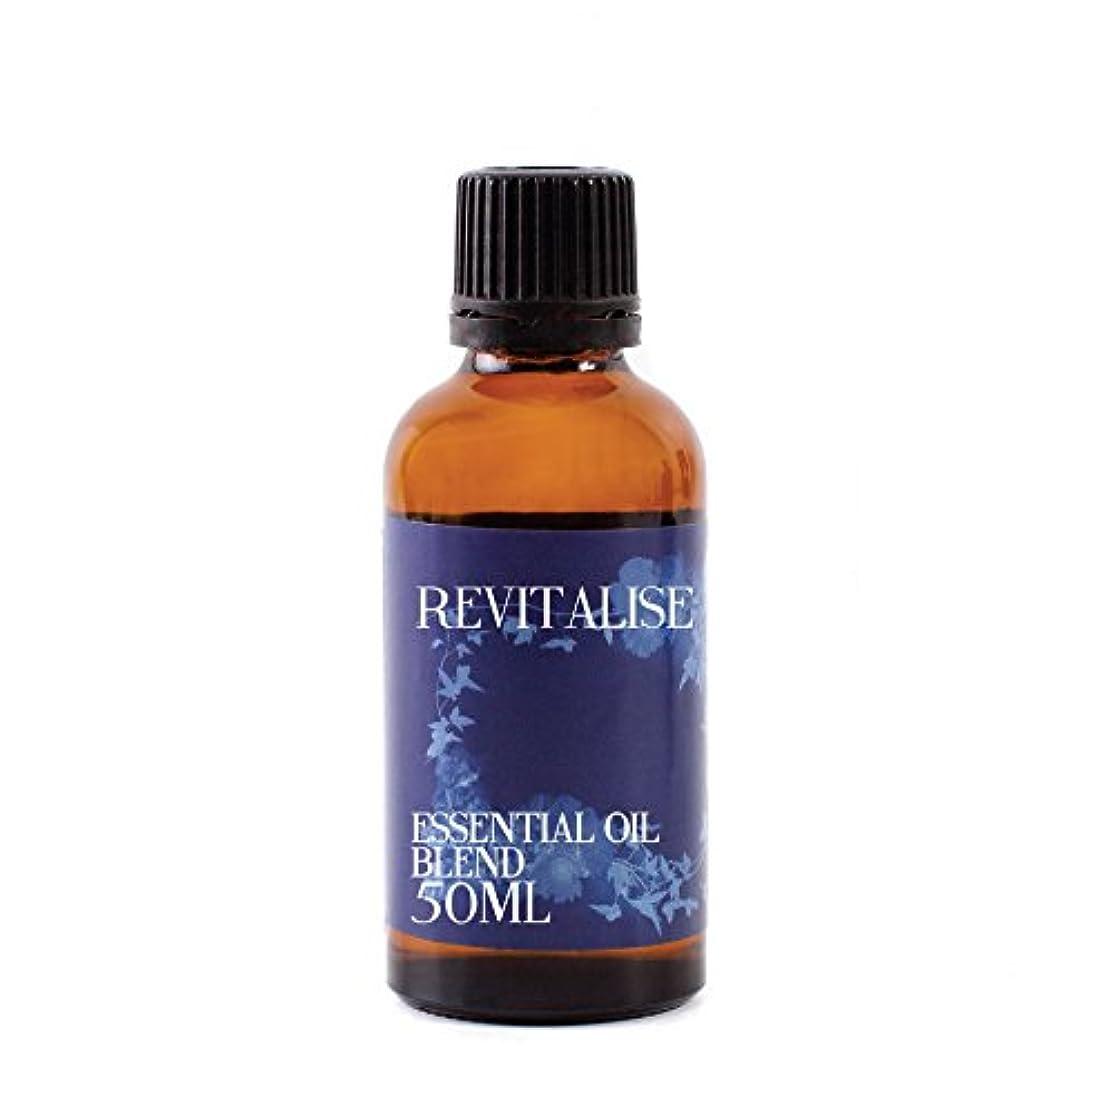 後方に好き文句を言うMystix London | Revitalise Essential Oil Blend - 50ml - 100% Pure